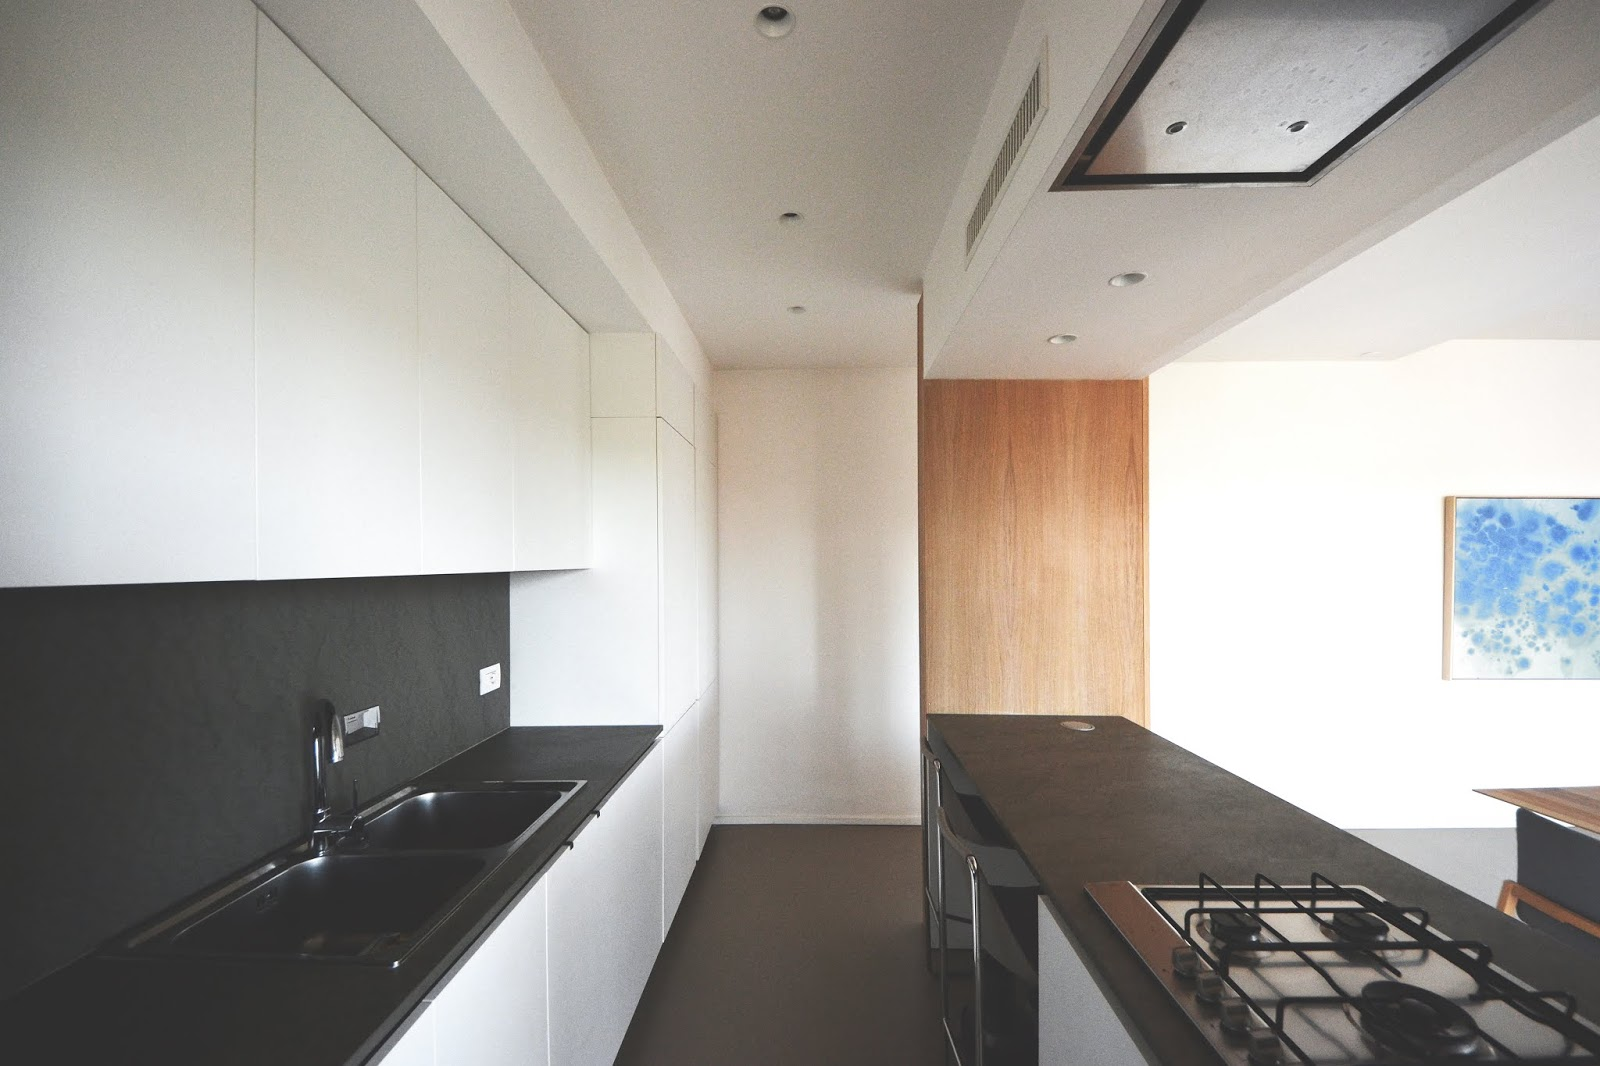 Architettura E Design simplicity love: bow window house, rome | lad - laboratorio